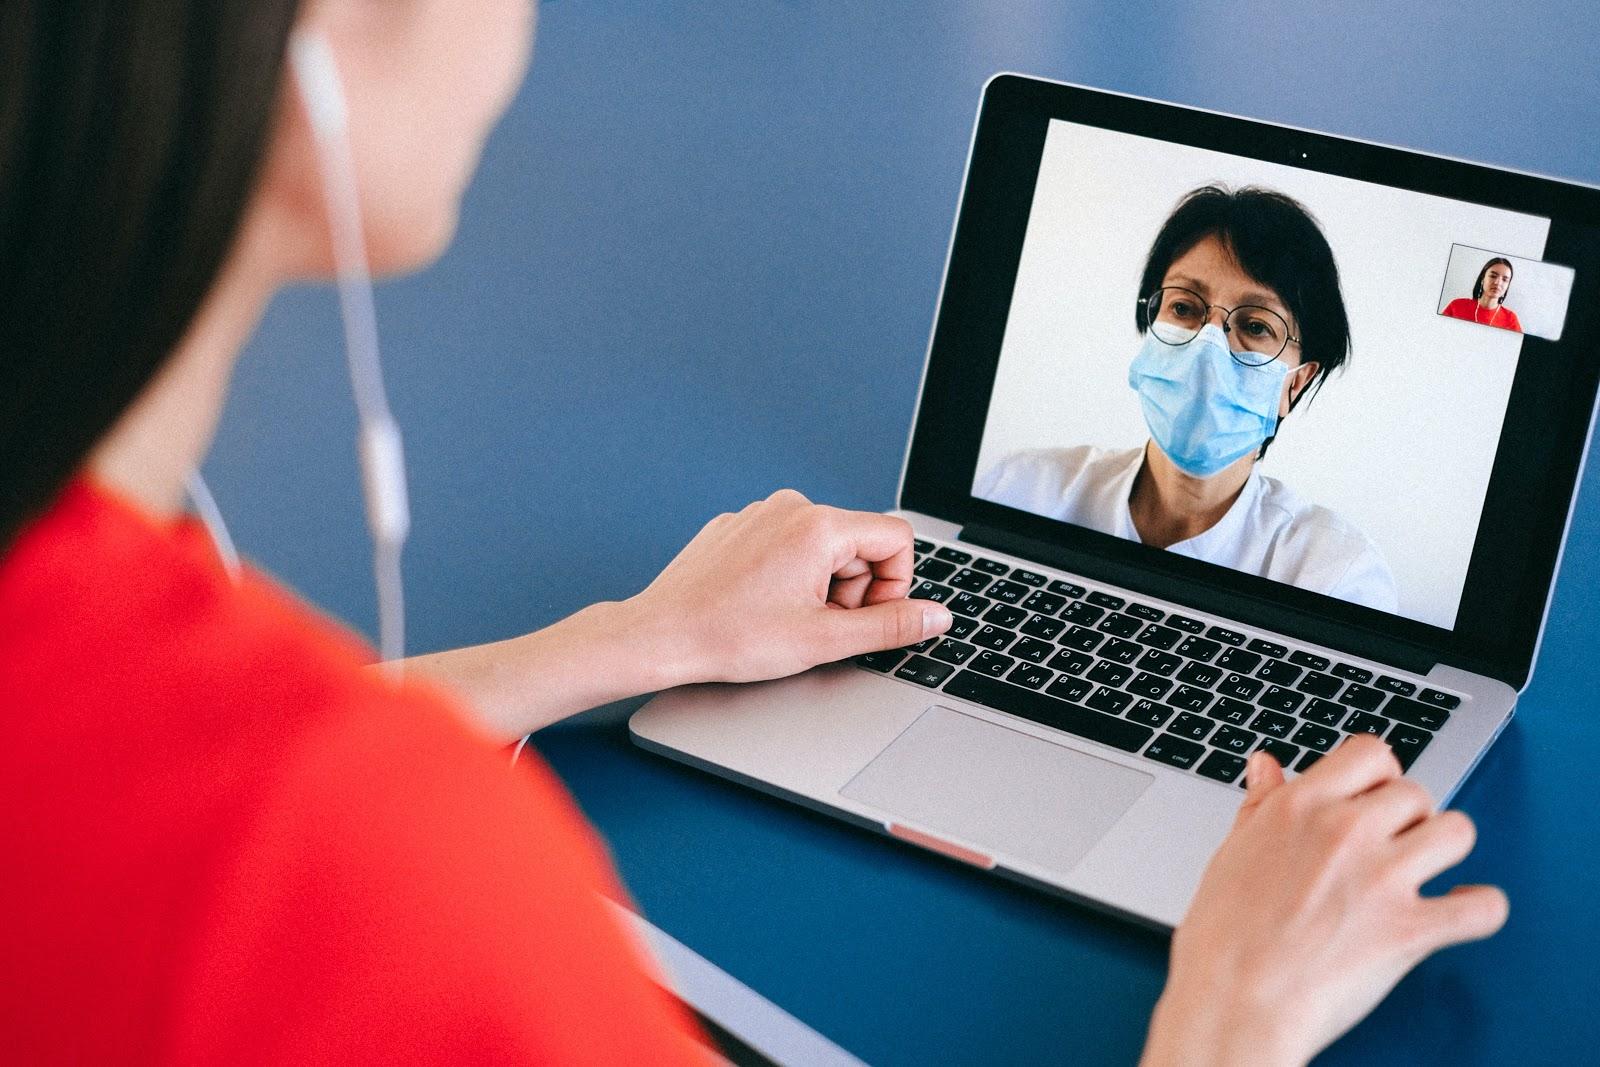 Quase metade dos jovens tem preferência pelo atendimento médico online. (Fonte: Pexels)